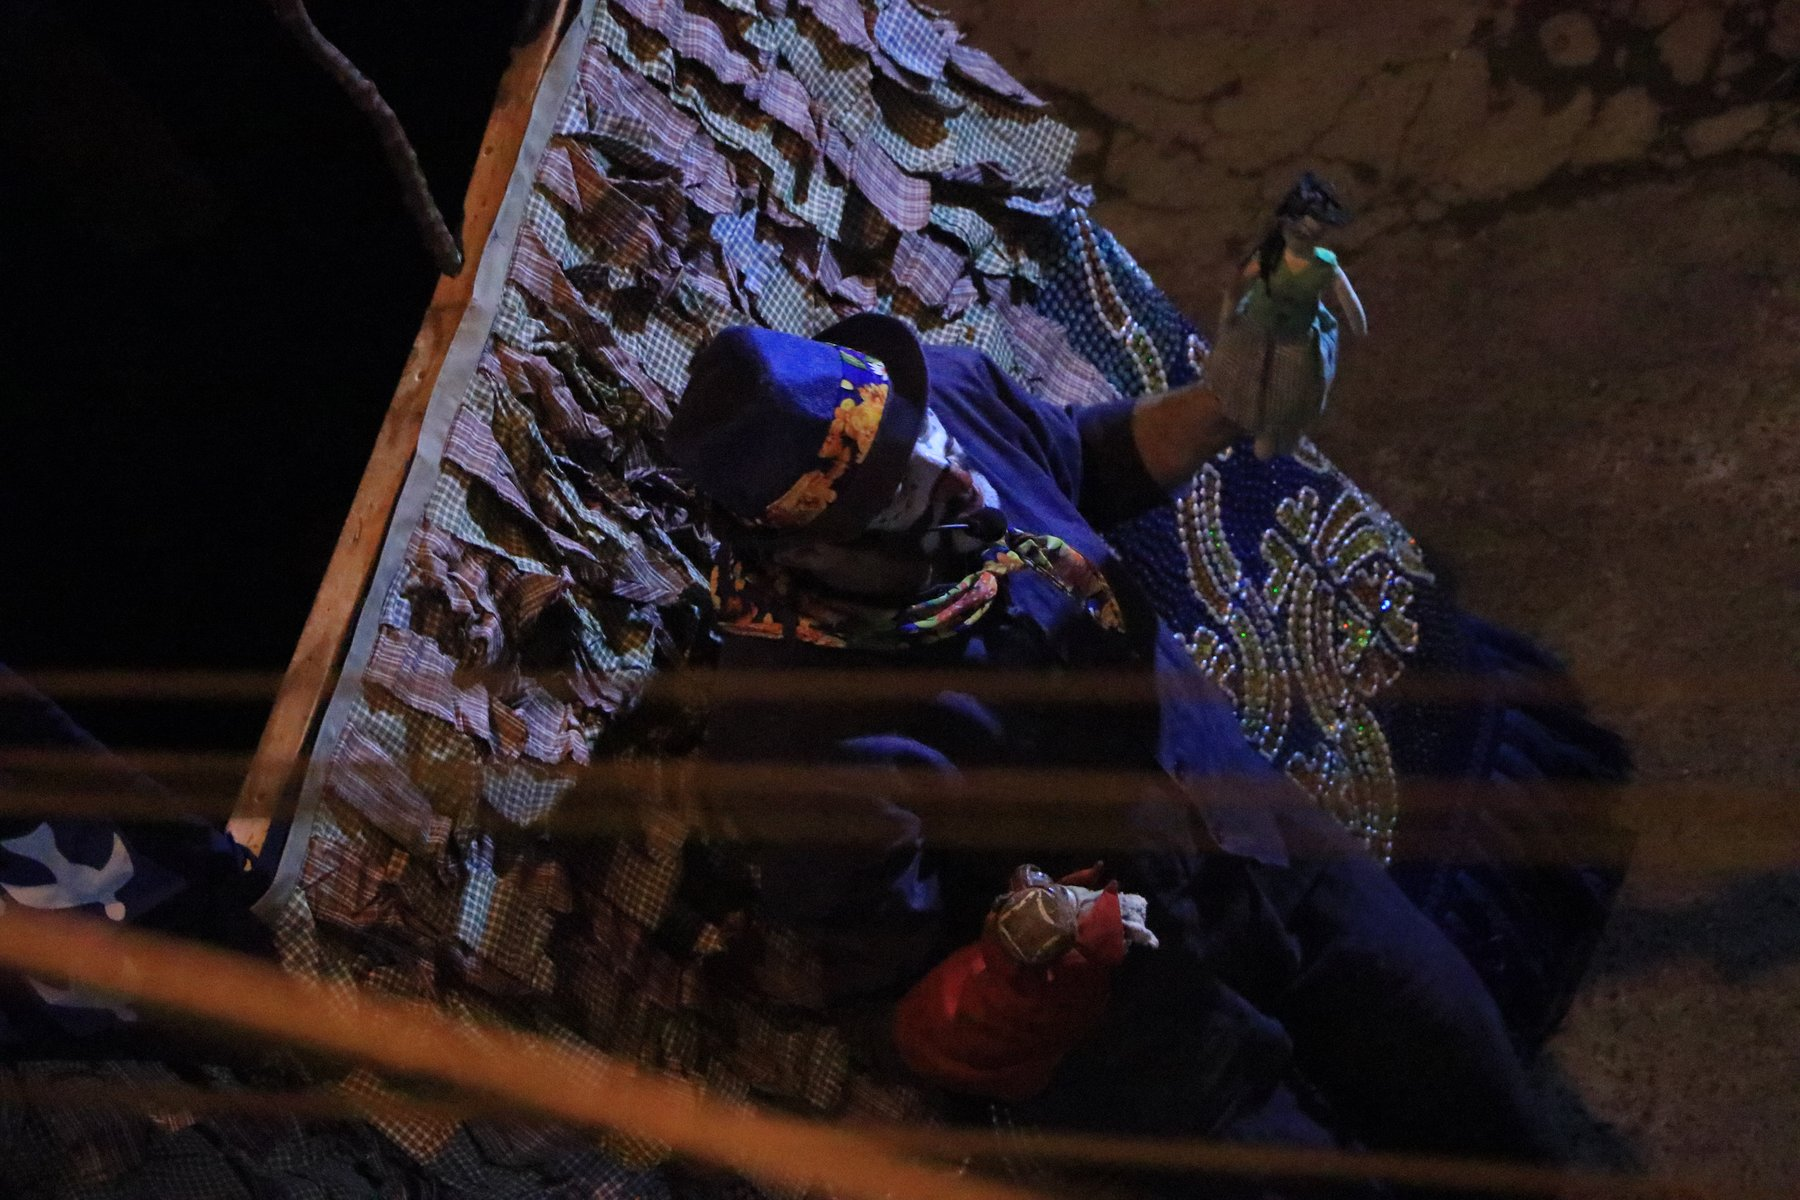 Atividades culturais do MErcado Sul. Foto: Webert da Cruz